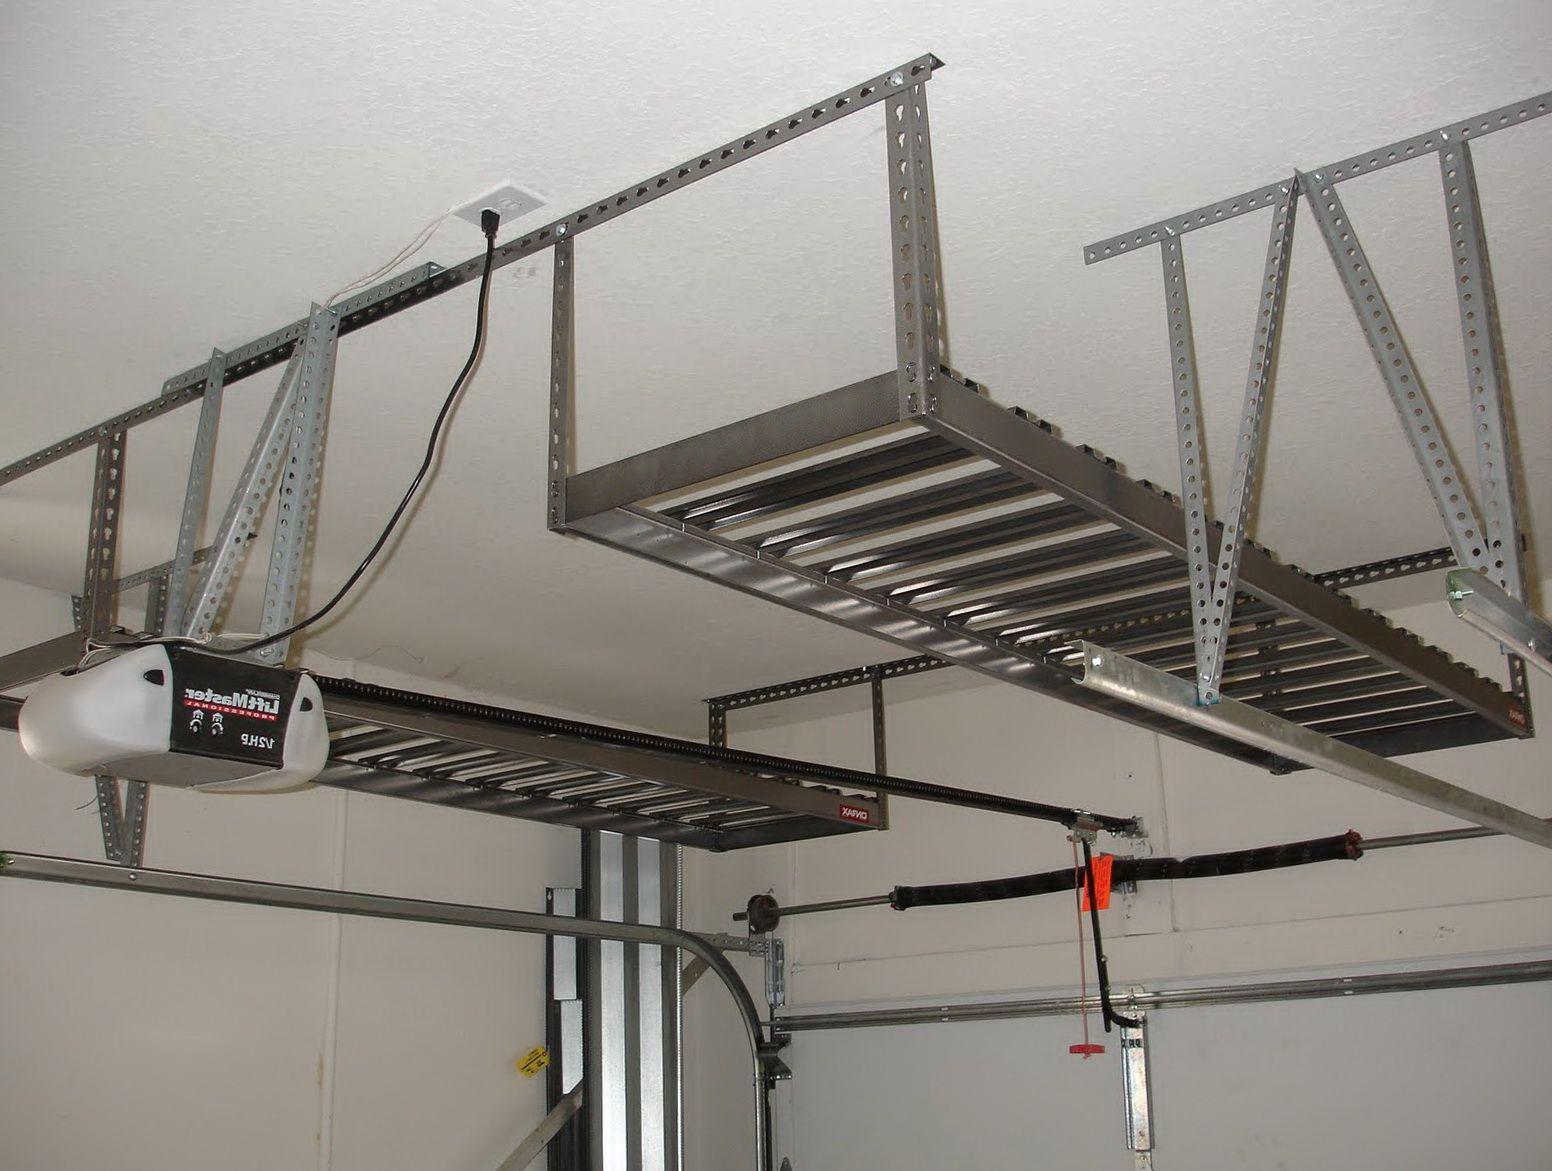 Garage ceiling storage ideas and